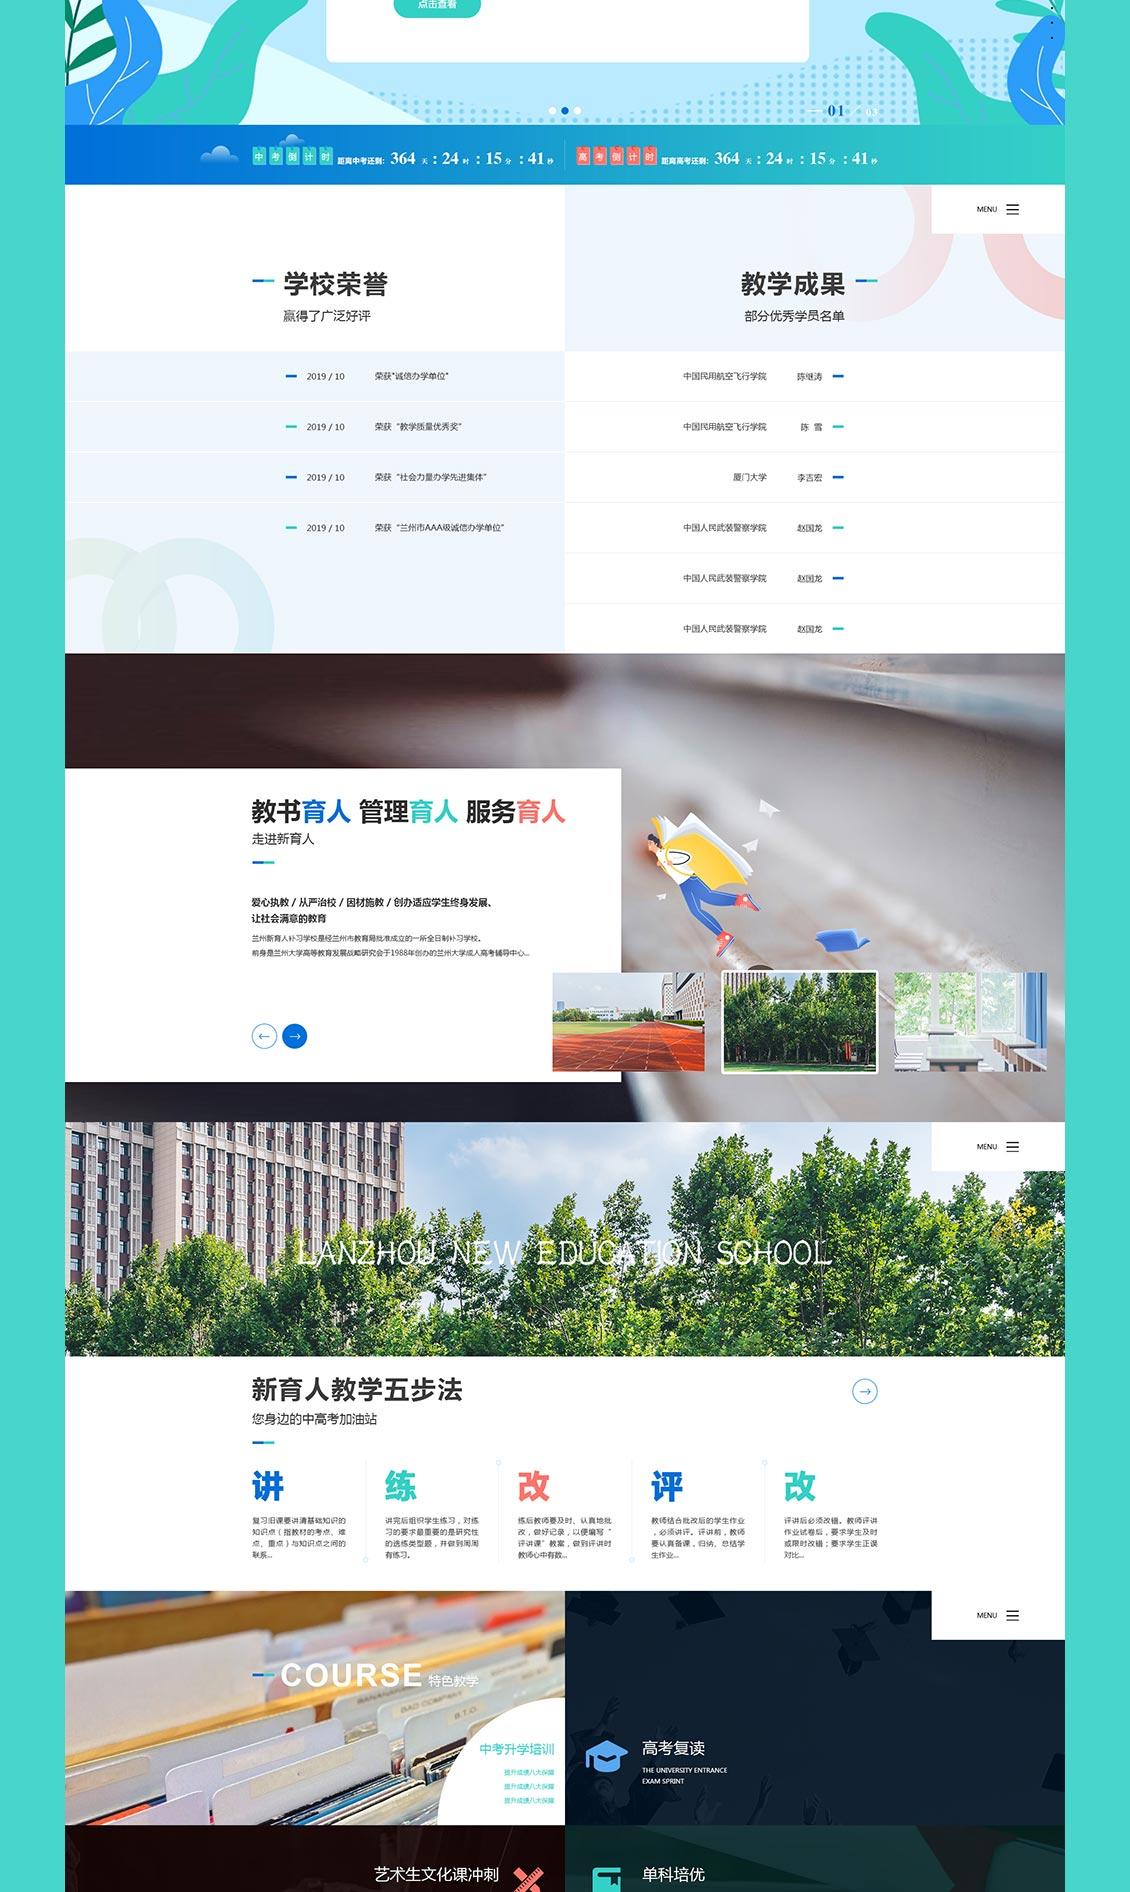 中高考补习学校网站建设案例展示